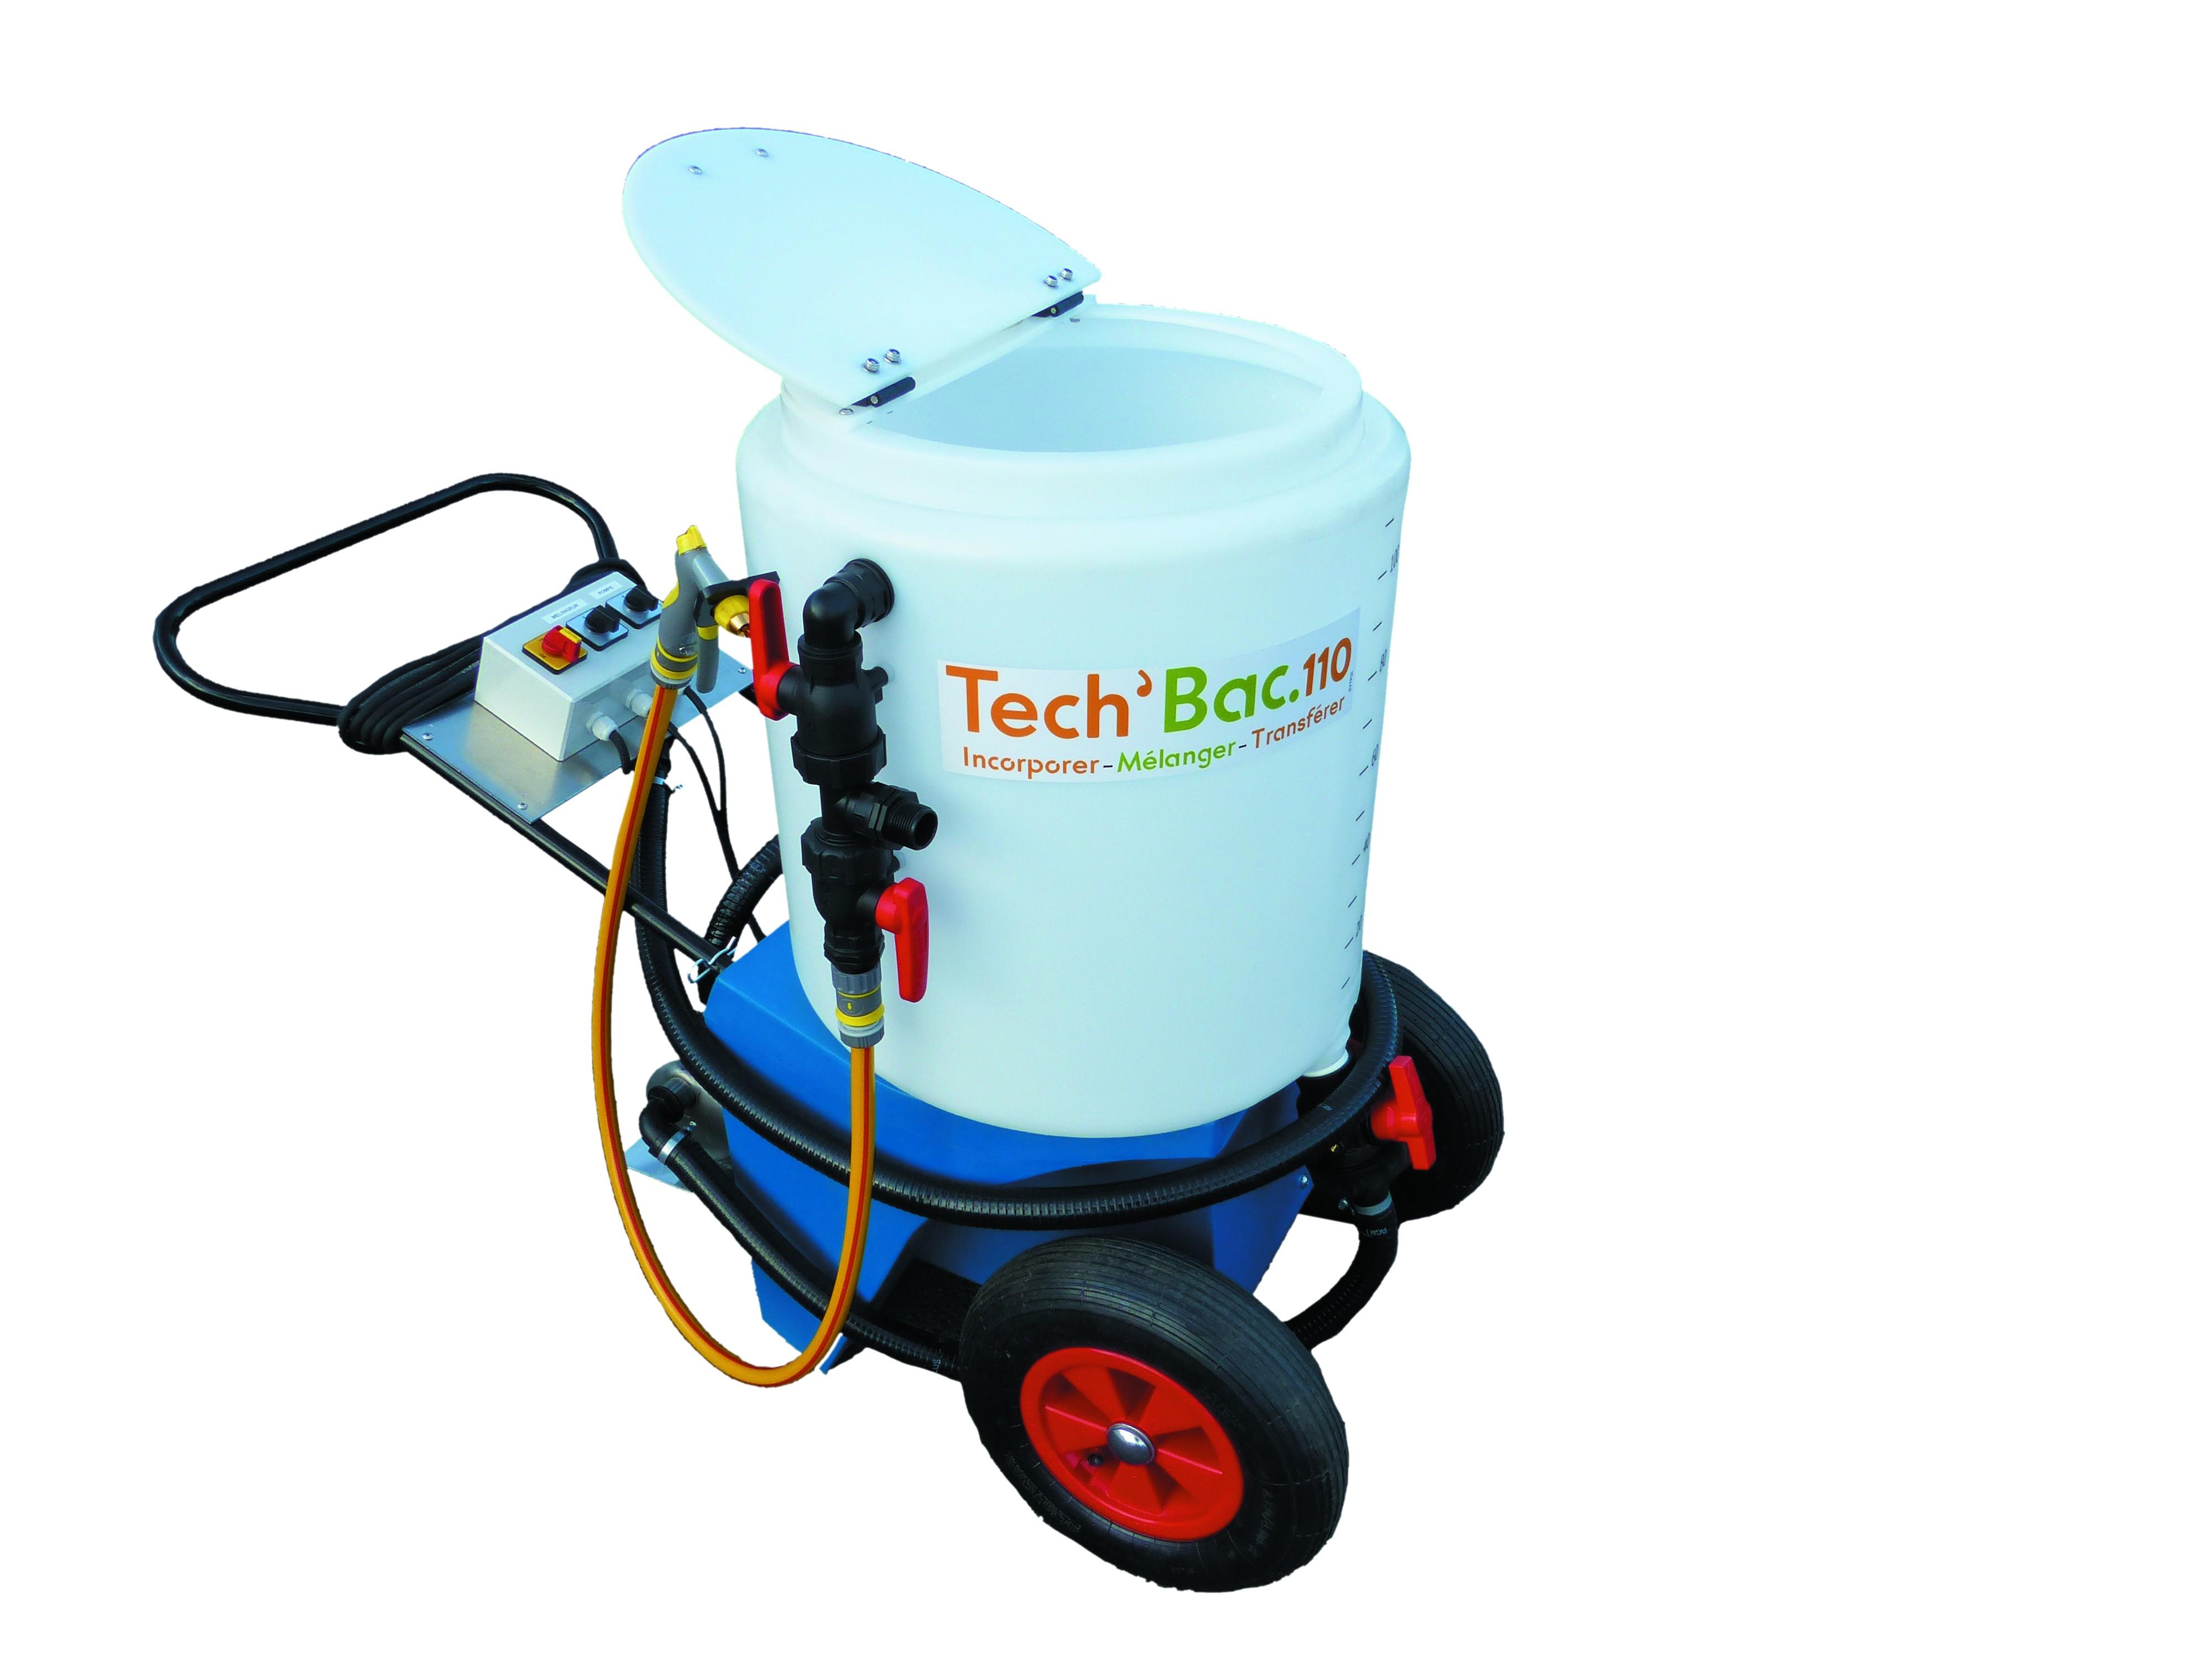 Vignette du produit : Tech'Bac 110 - Mélangeur pour produits phytosanitaires